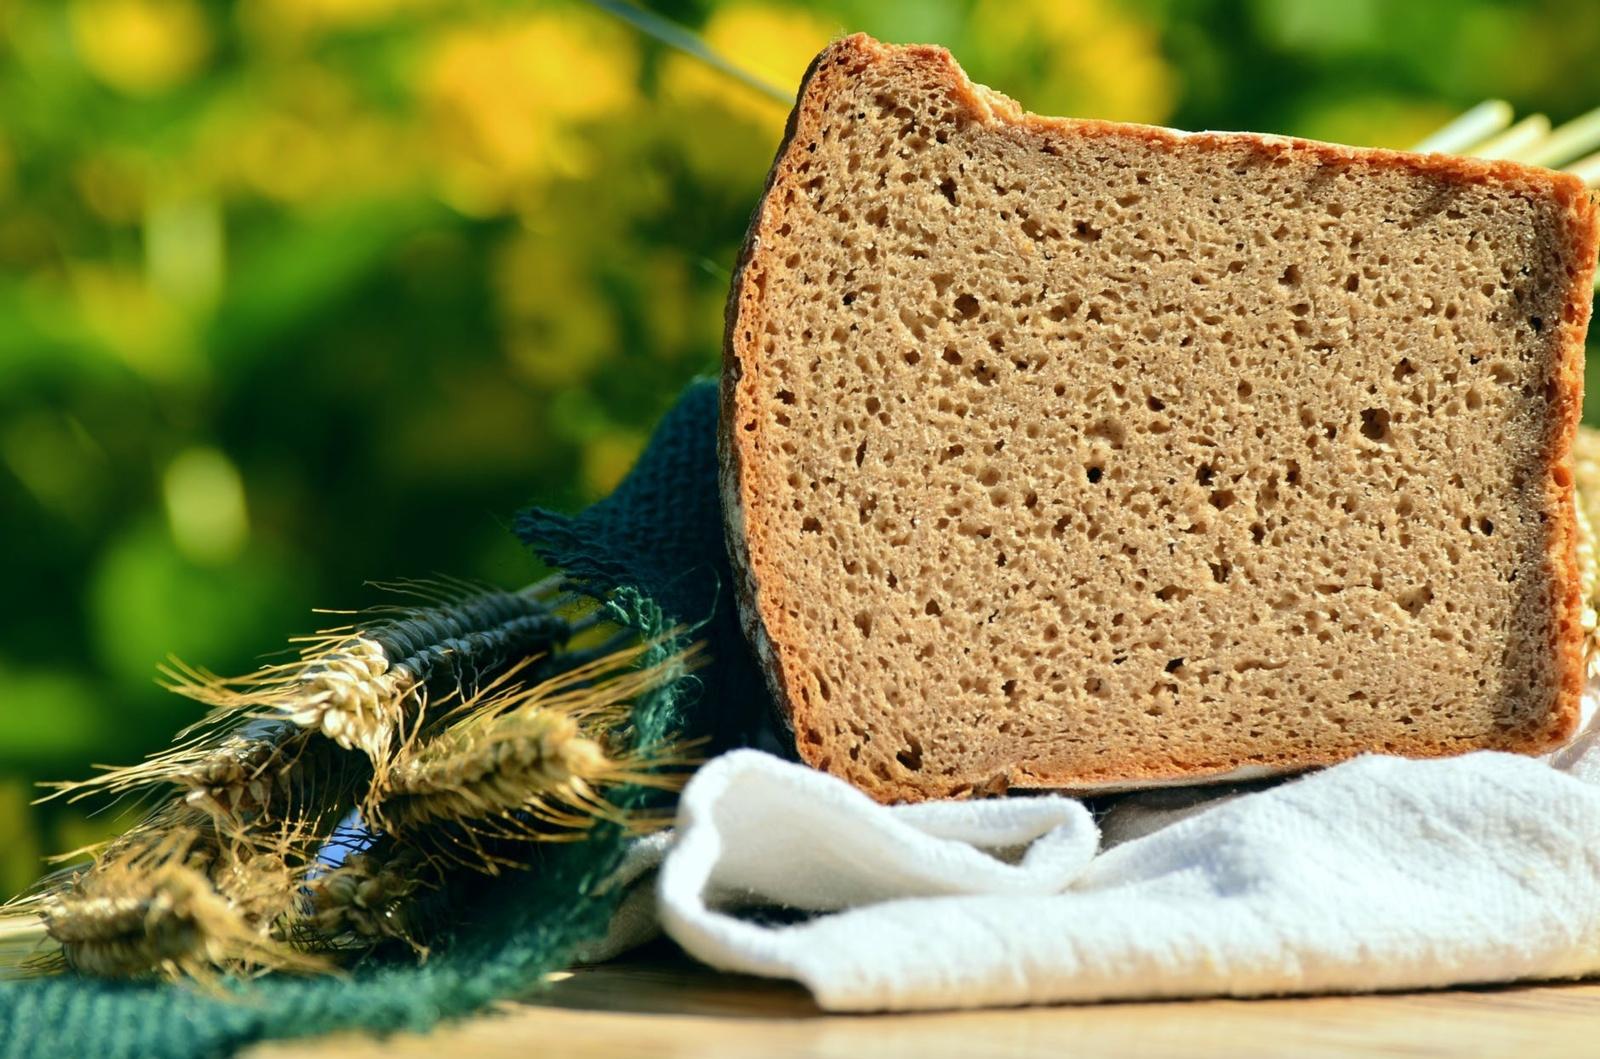 Lietuviškos virtuvės įdomybės: duona gydė moteris, o kanapes naudojo pasninkui?